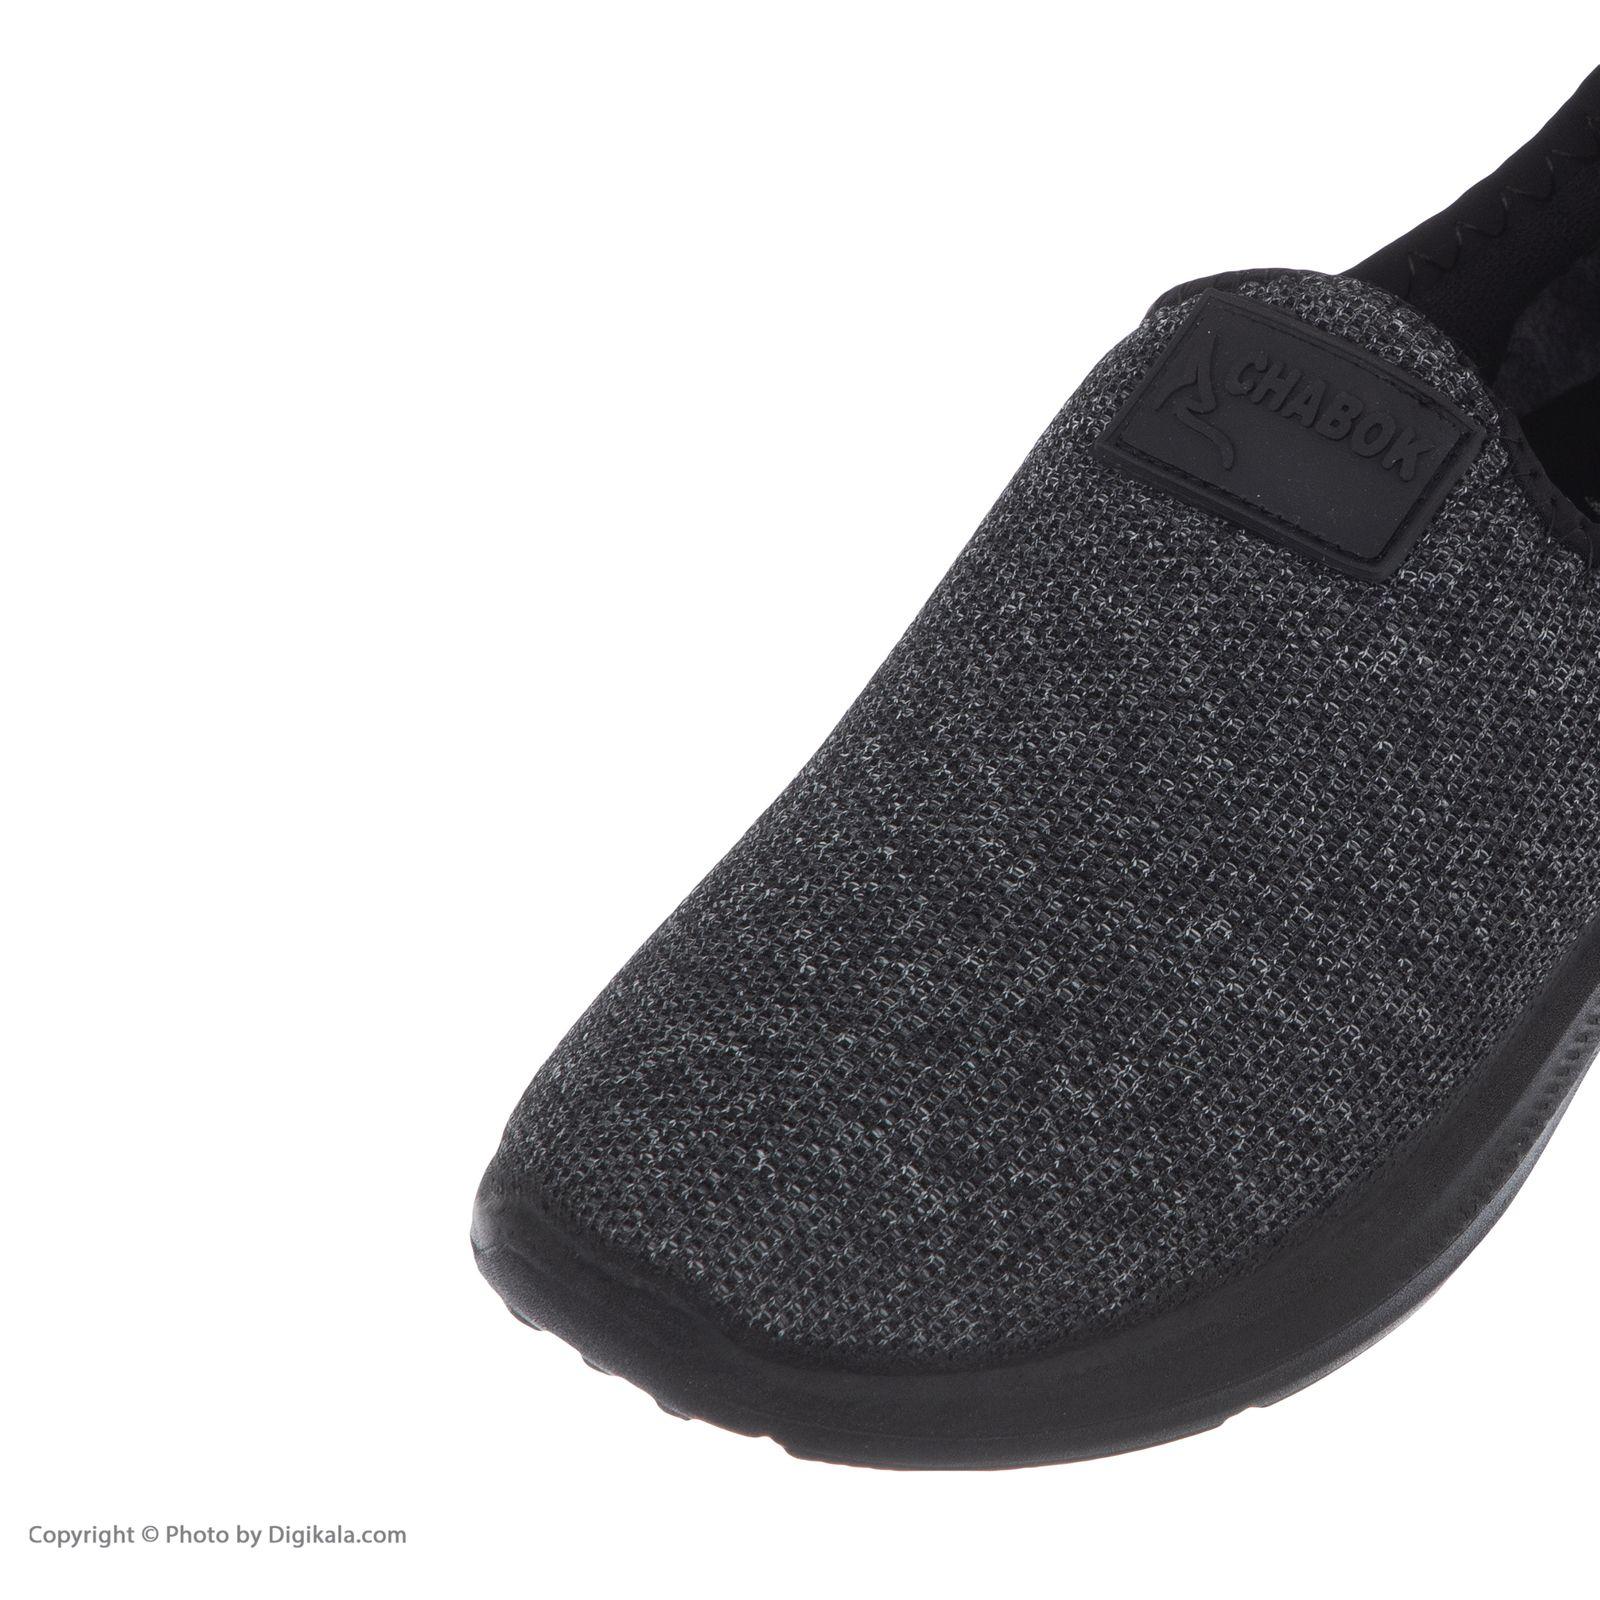 کفش راحتی چابک مدل رامش رنگ نوک مدادی -  - 7